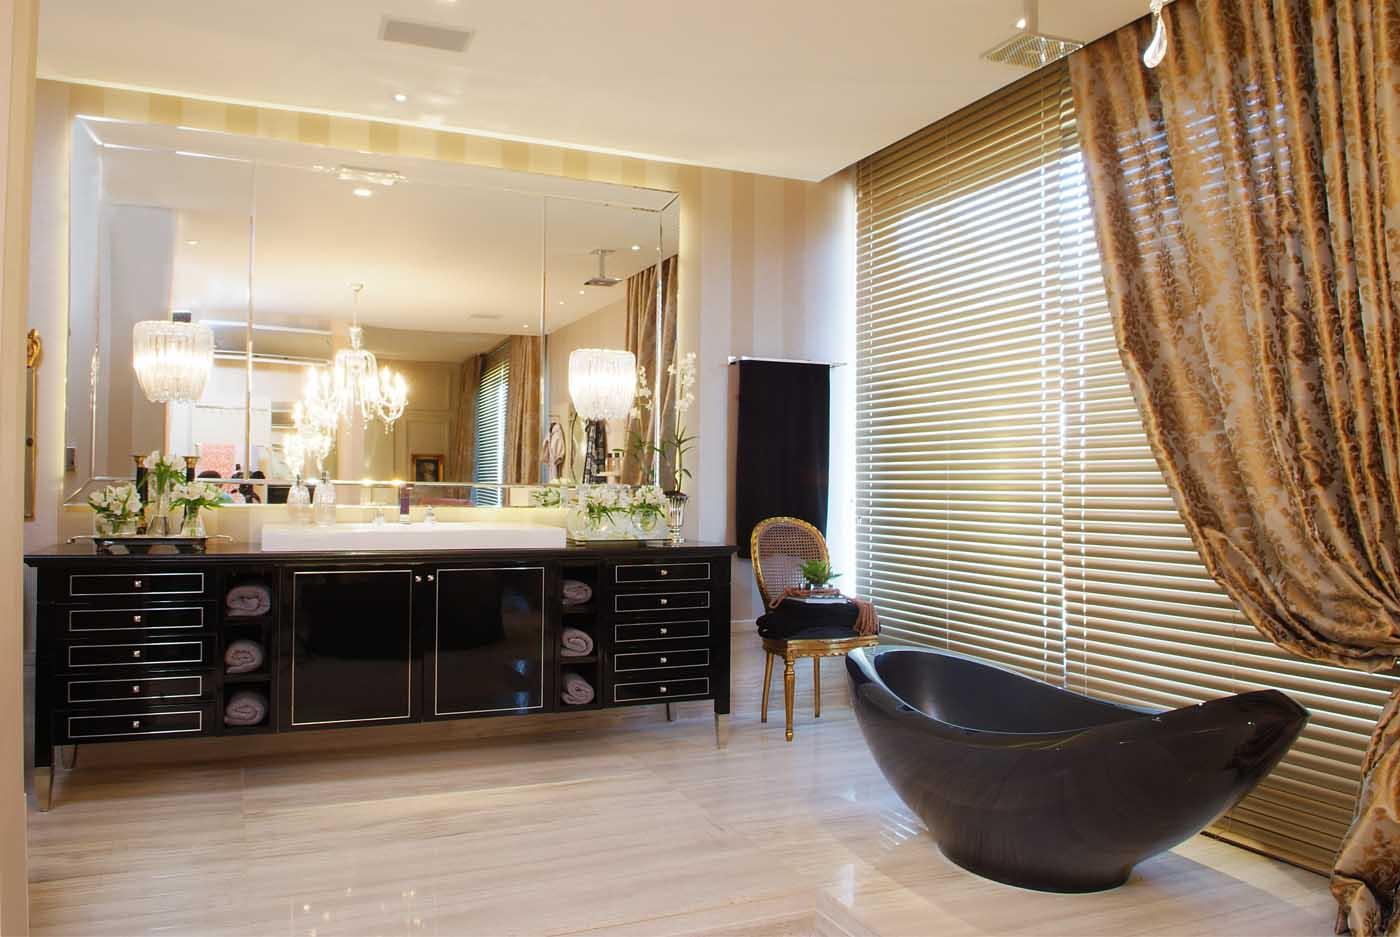 banheiro com armário de estilo clássico e grande que serve #694729 1400x937 Banheiro Com Bancada Branca